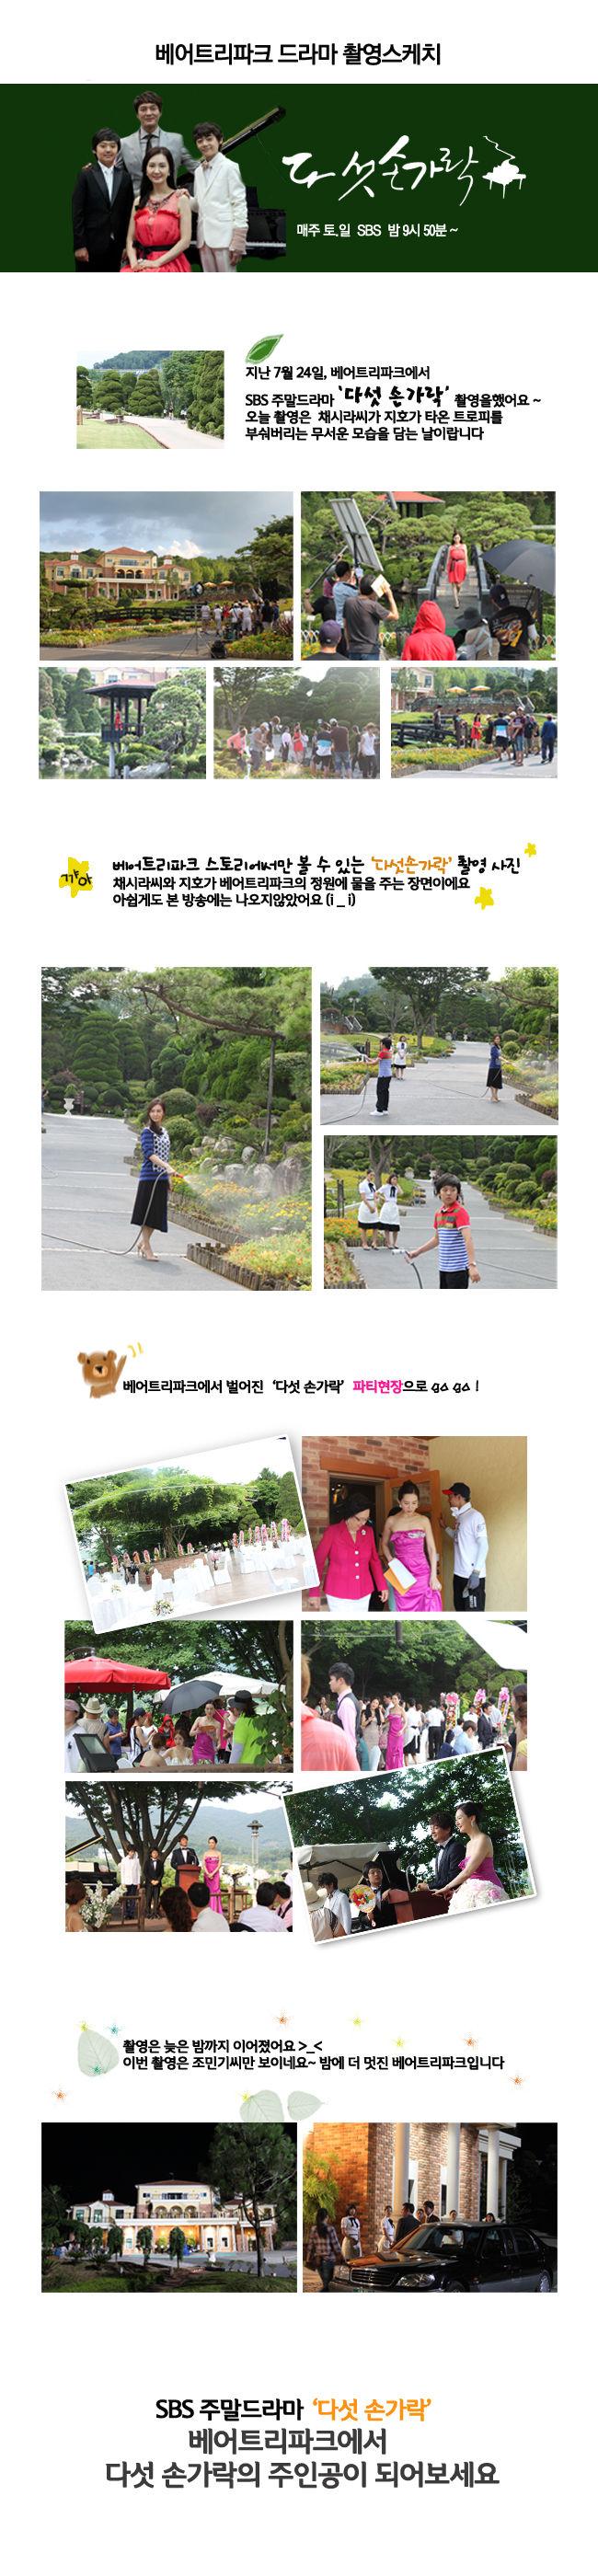 사본 -20120828 - 다섯손가락 촬영스케치(웹-베어트리스토리).8384